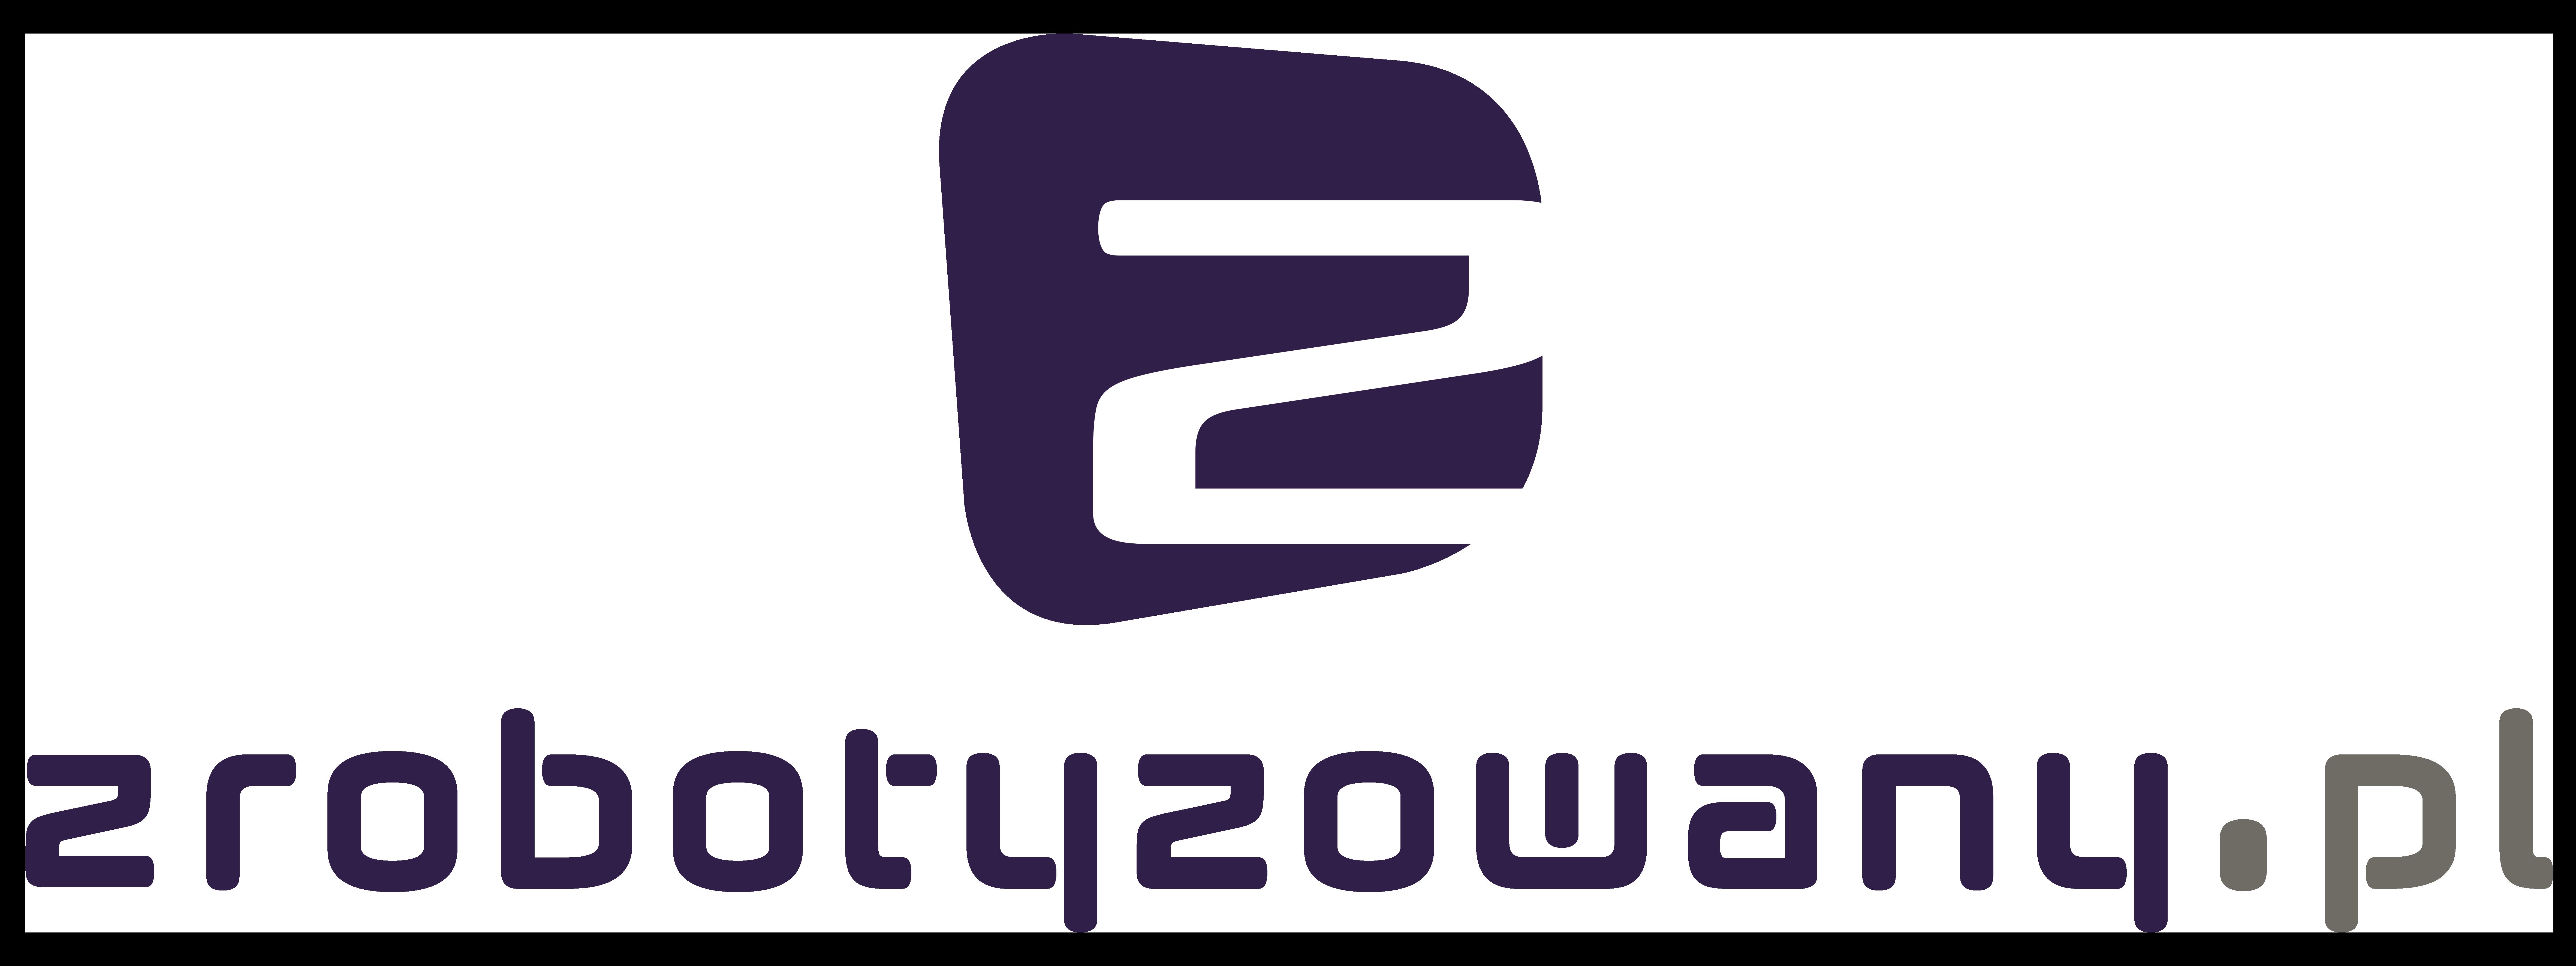 zrobotyzowany_logo